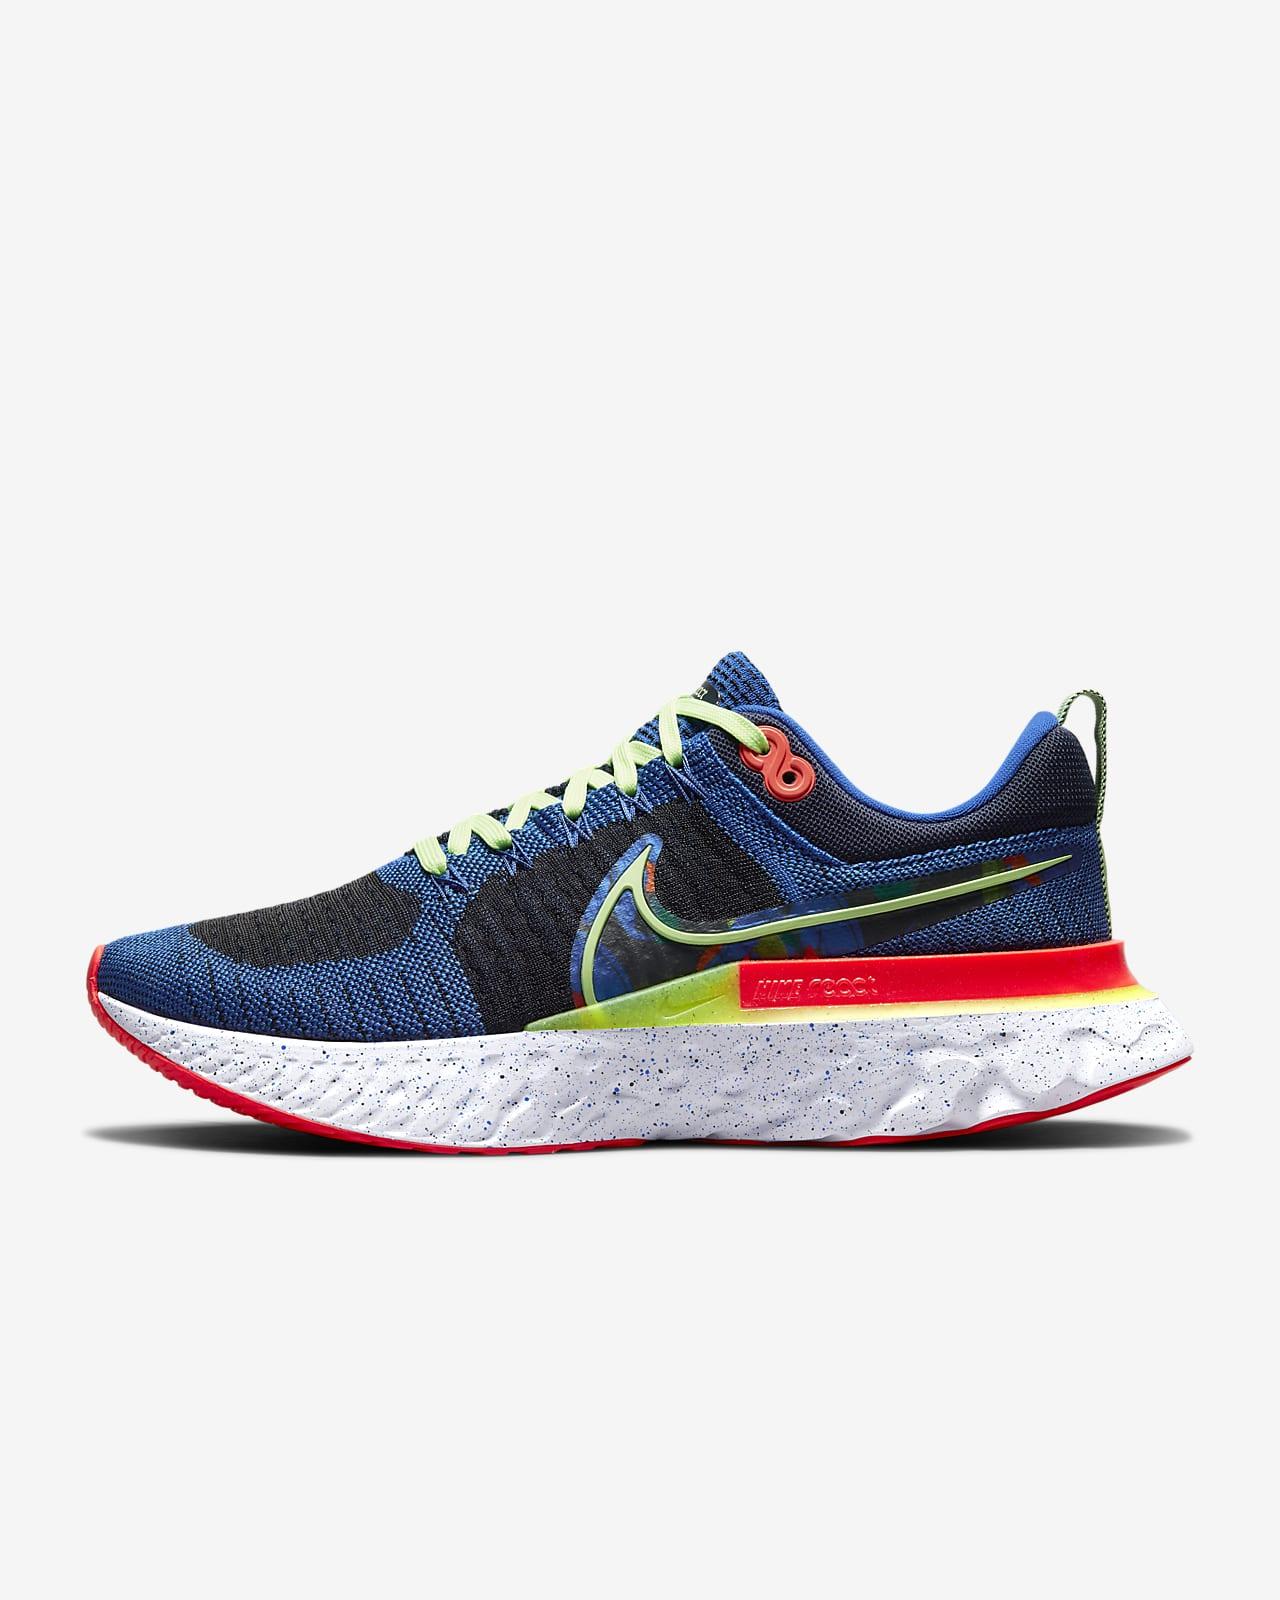 Ανδρικό παπούτσι για τρέξιμο Nike React Infinity Run Flyknit 2 A.I.R. Kelly Anna London